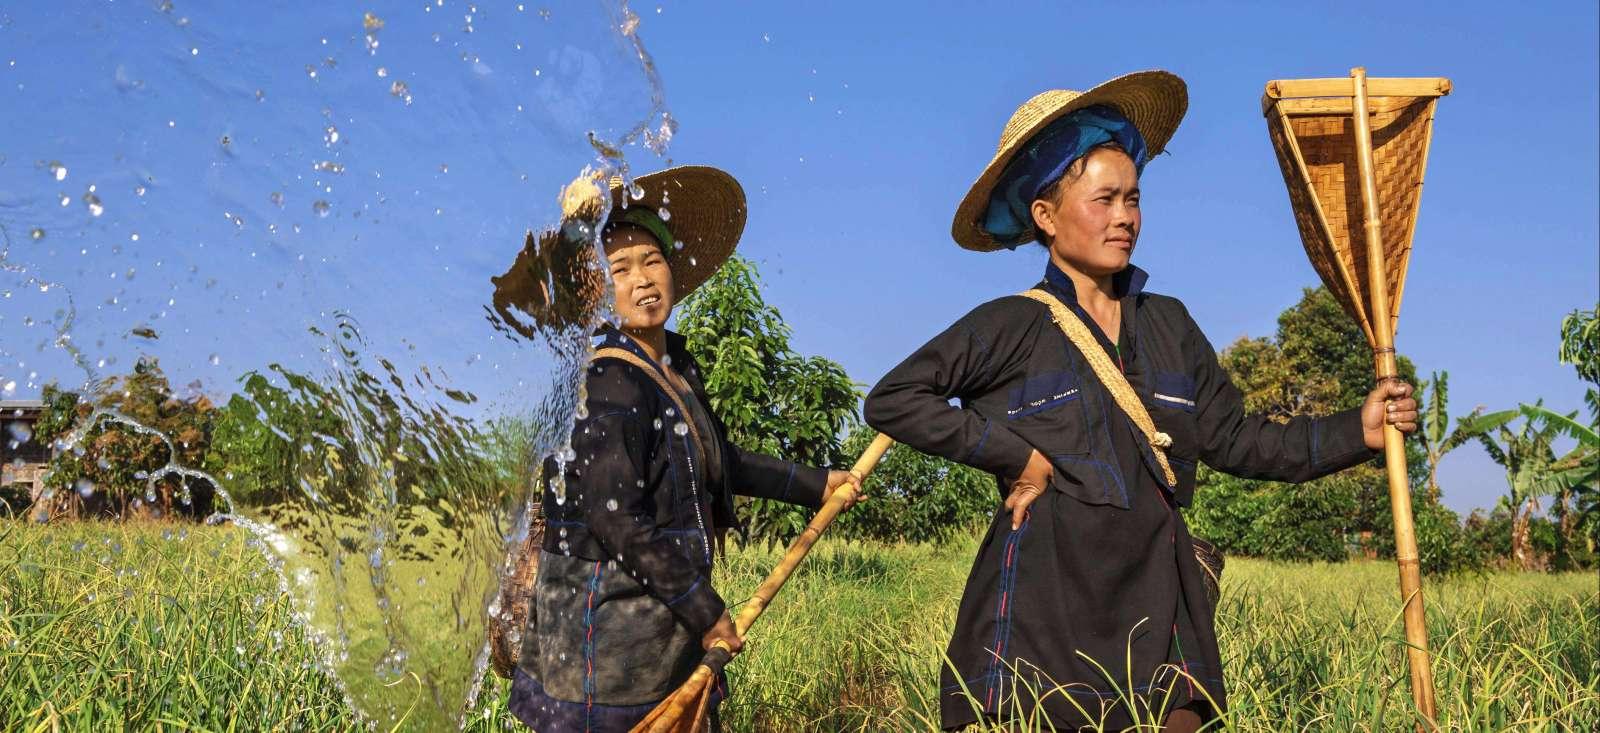 Voyage à pied : Randonnée en pays Shan +Extension Rocher d\'Or